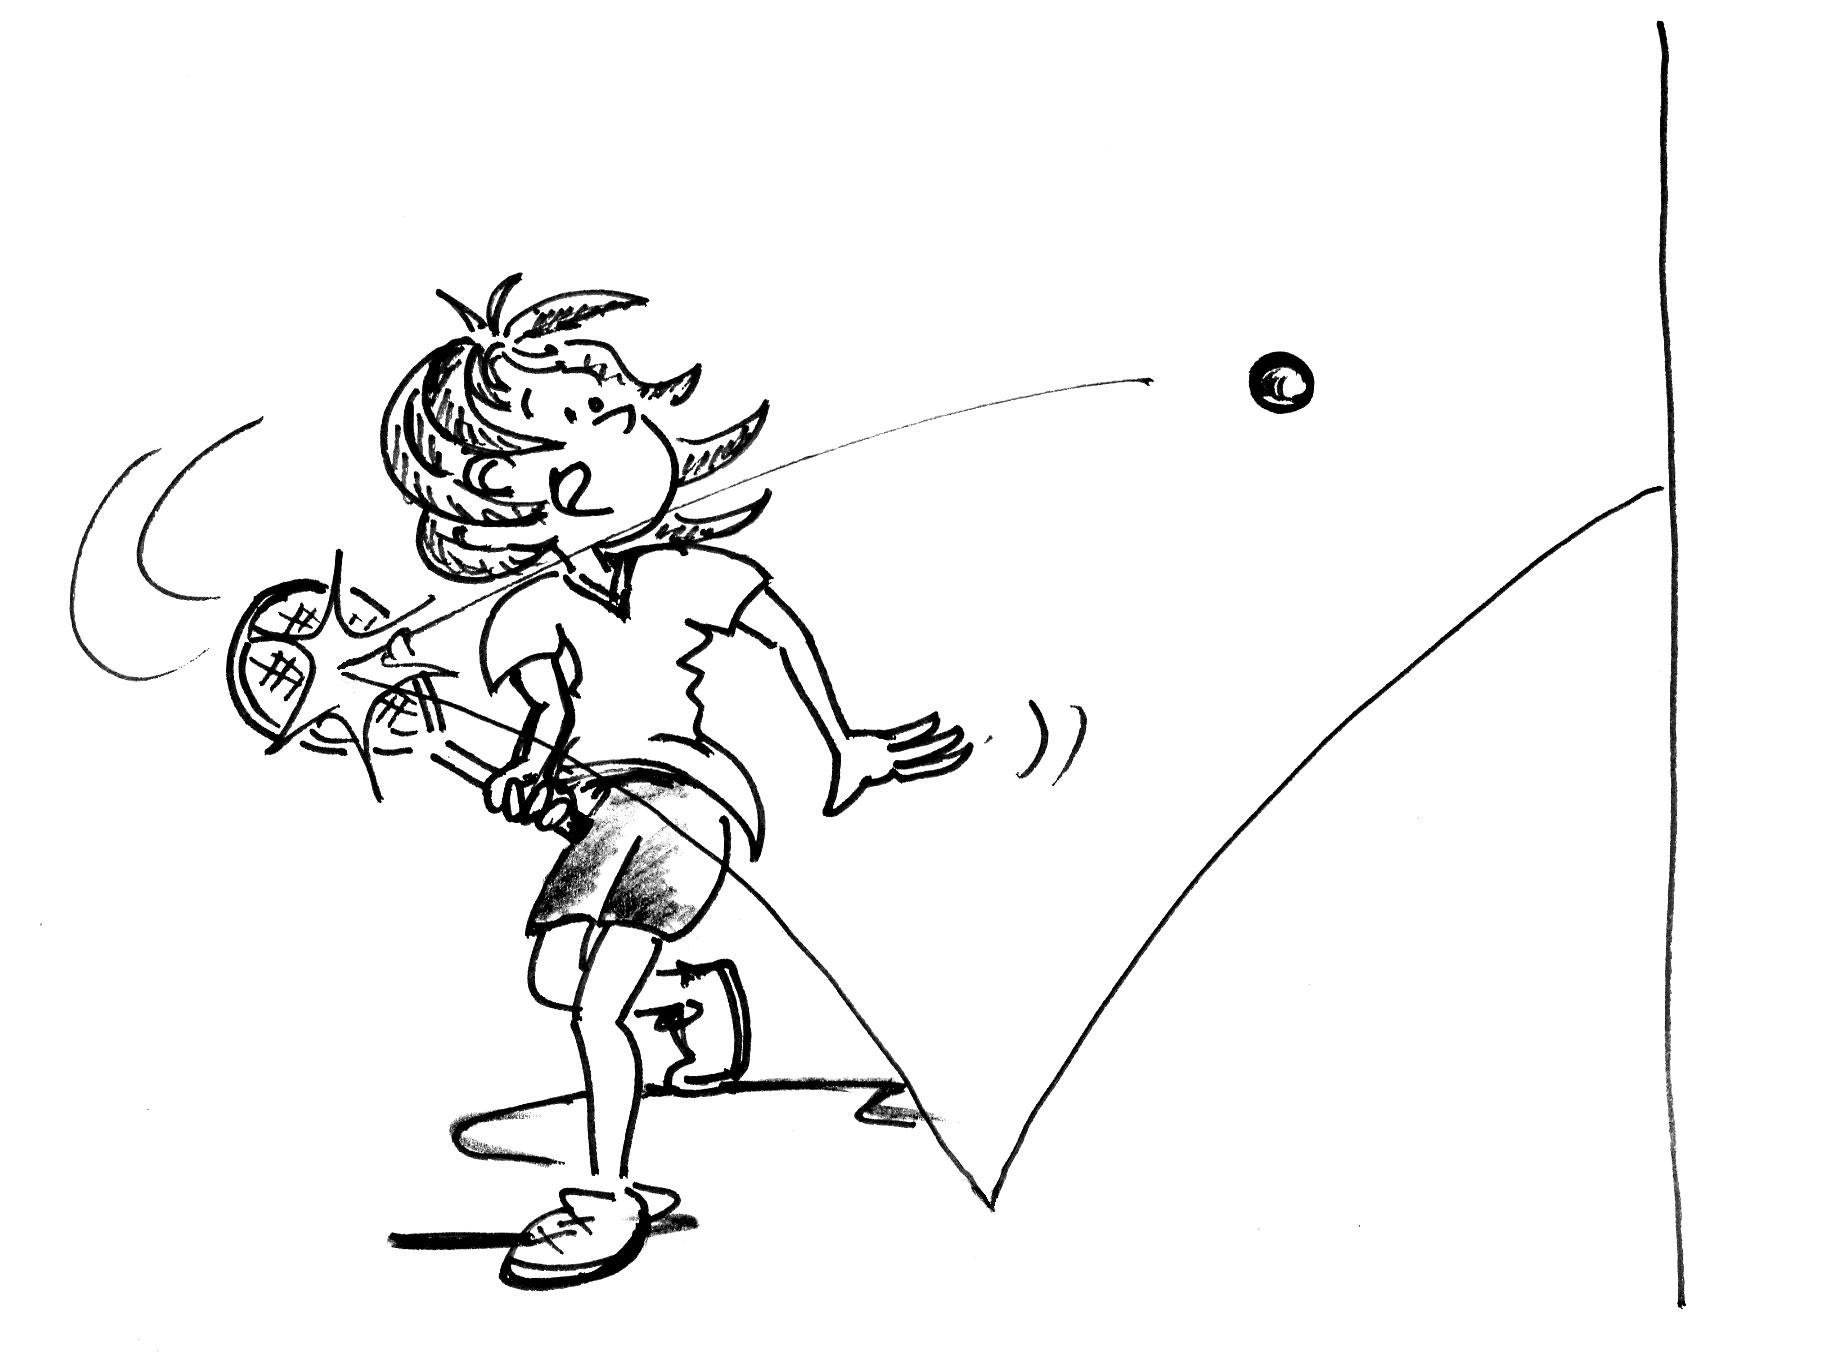 coup droit revers badminton pdf